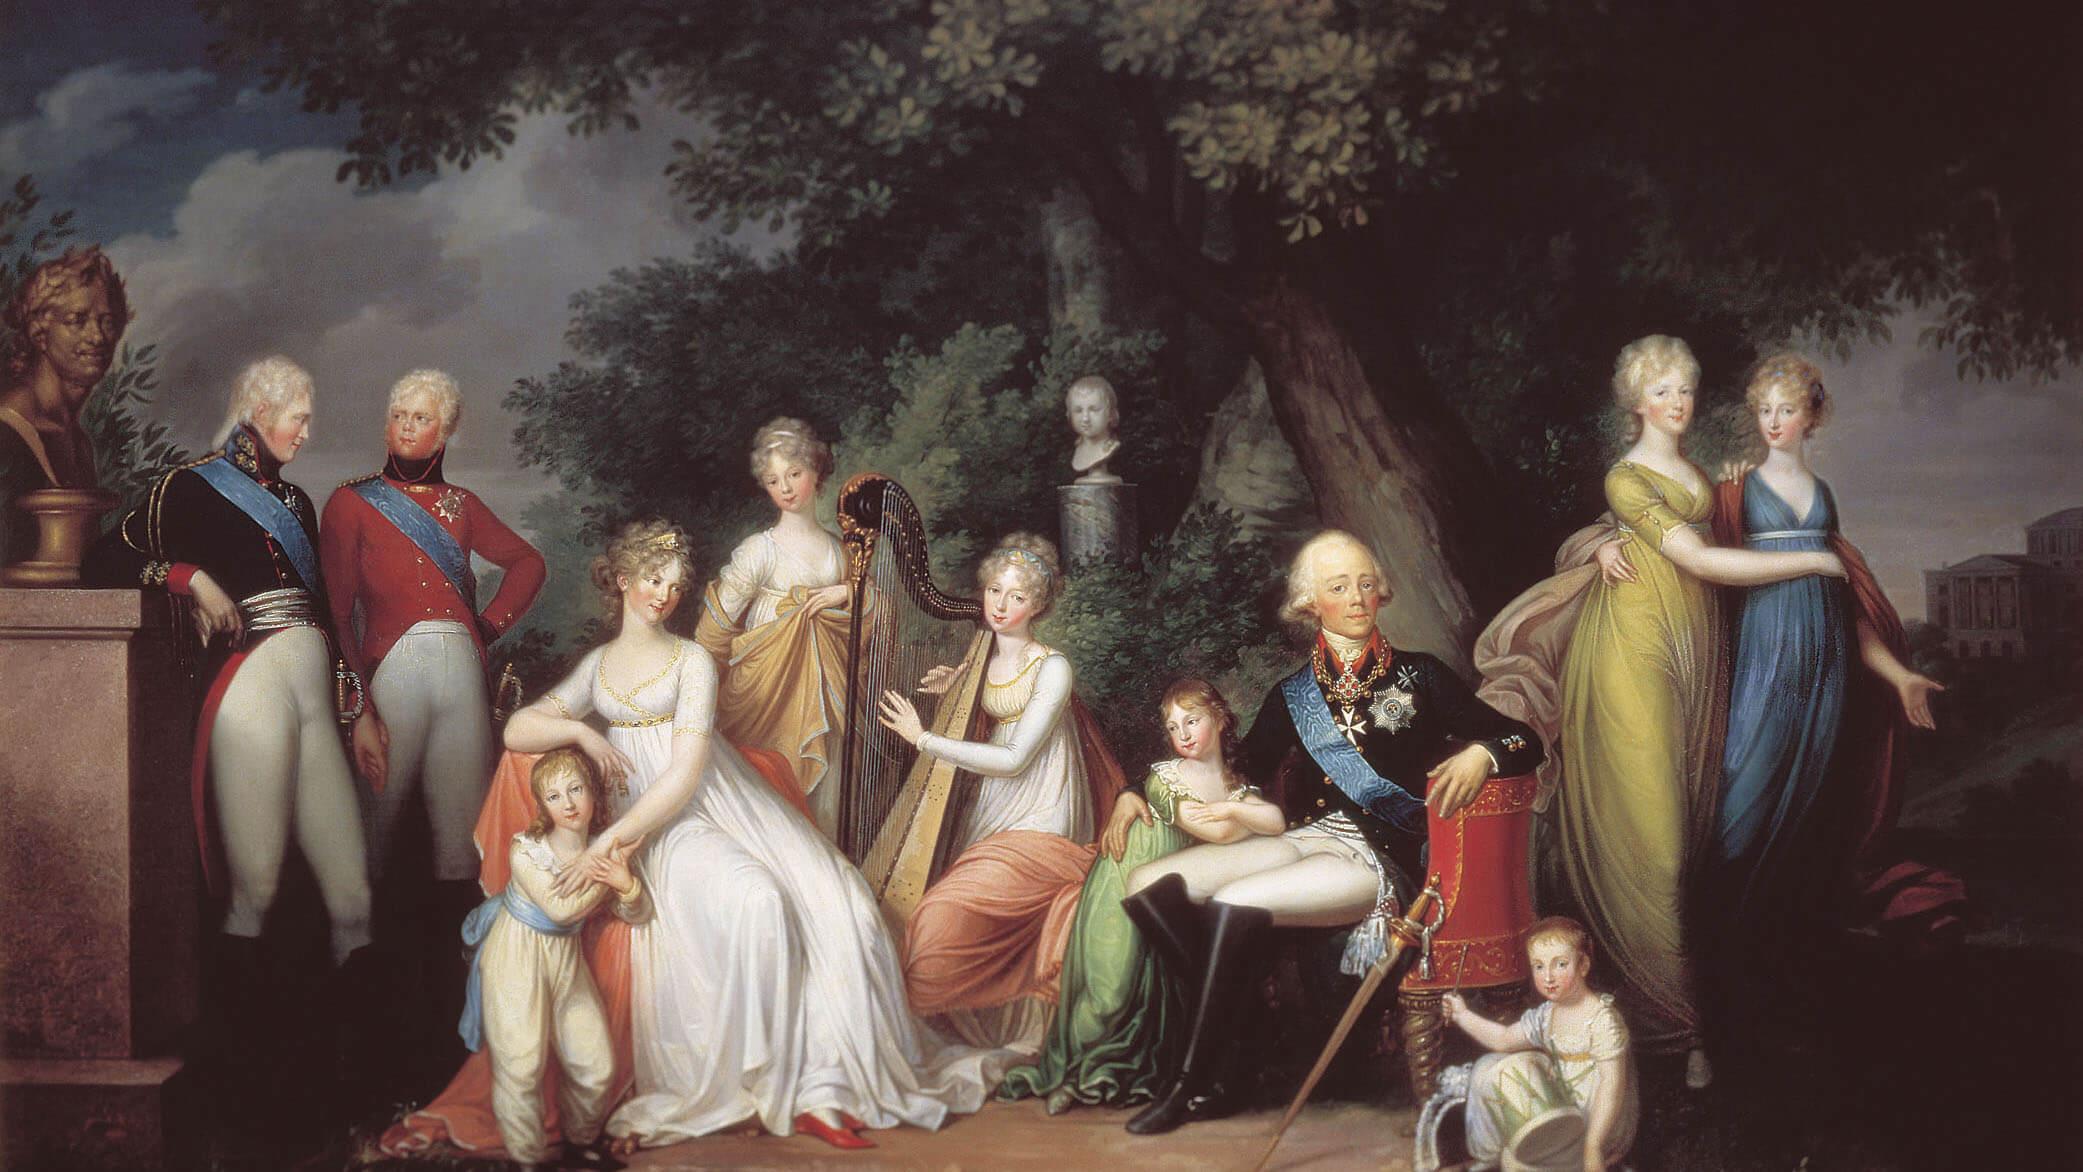 Герхард фон Кюгельген. Павел I, Мария Федоровна и их дети. Имя